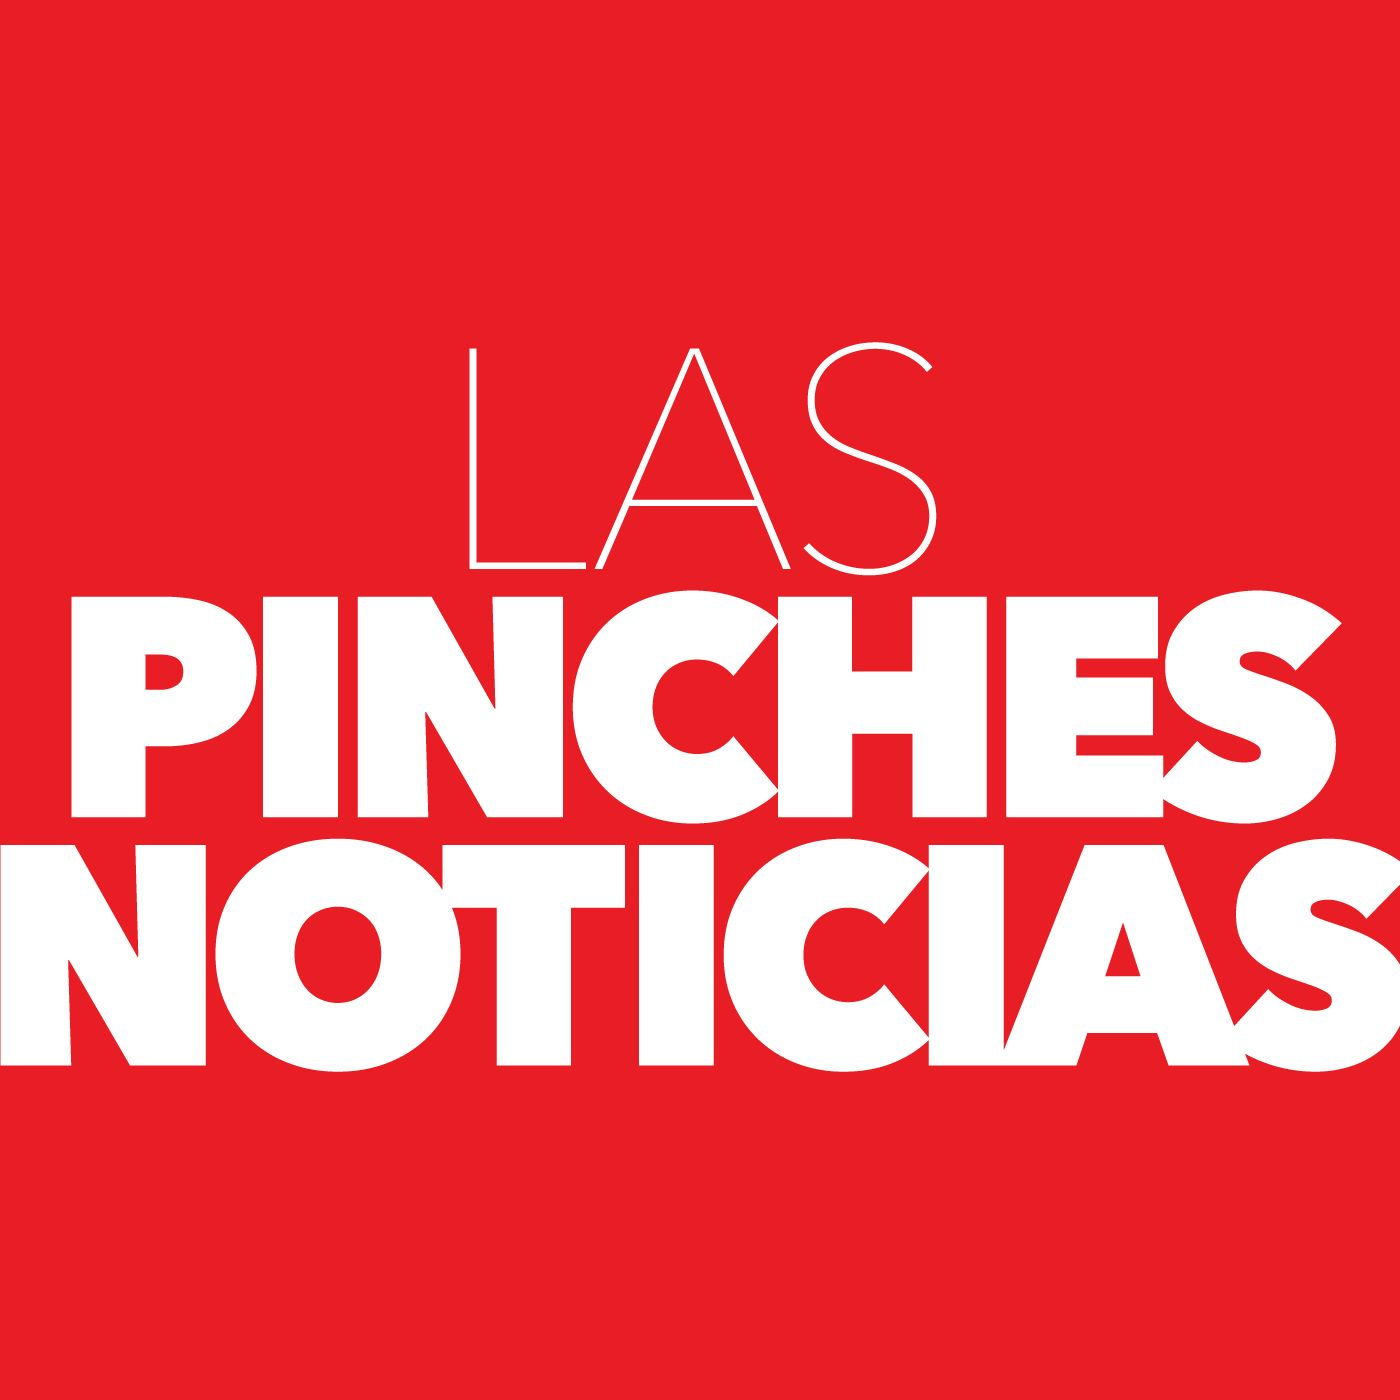 Las Pinches Noticias